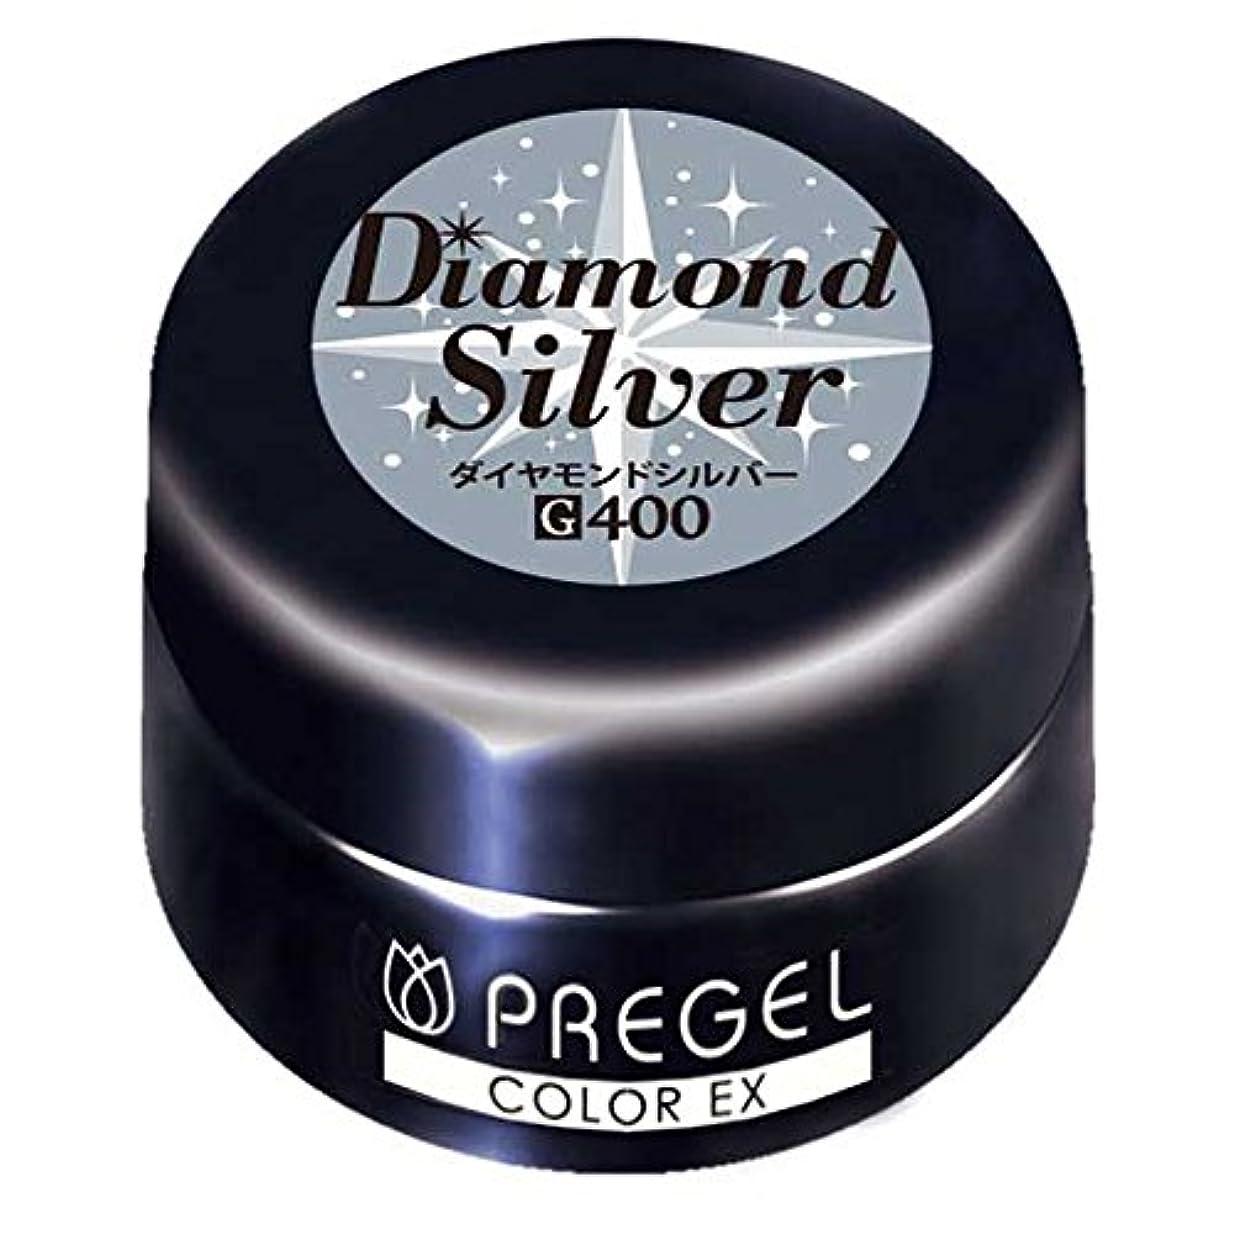 試みる興味トランスペアレントPRE GEL カラーEX ダイヤモンドシルバーCE400 UV/LED対応 カラージェル